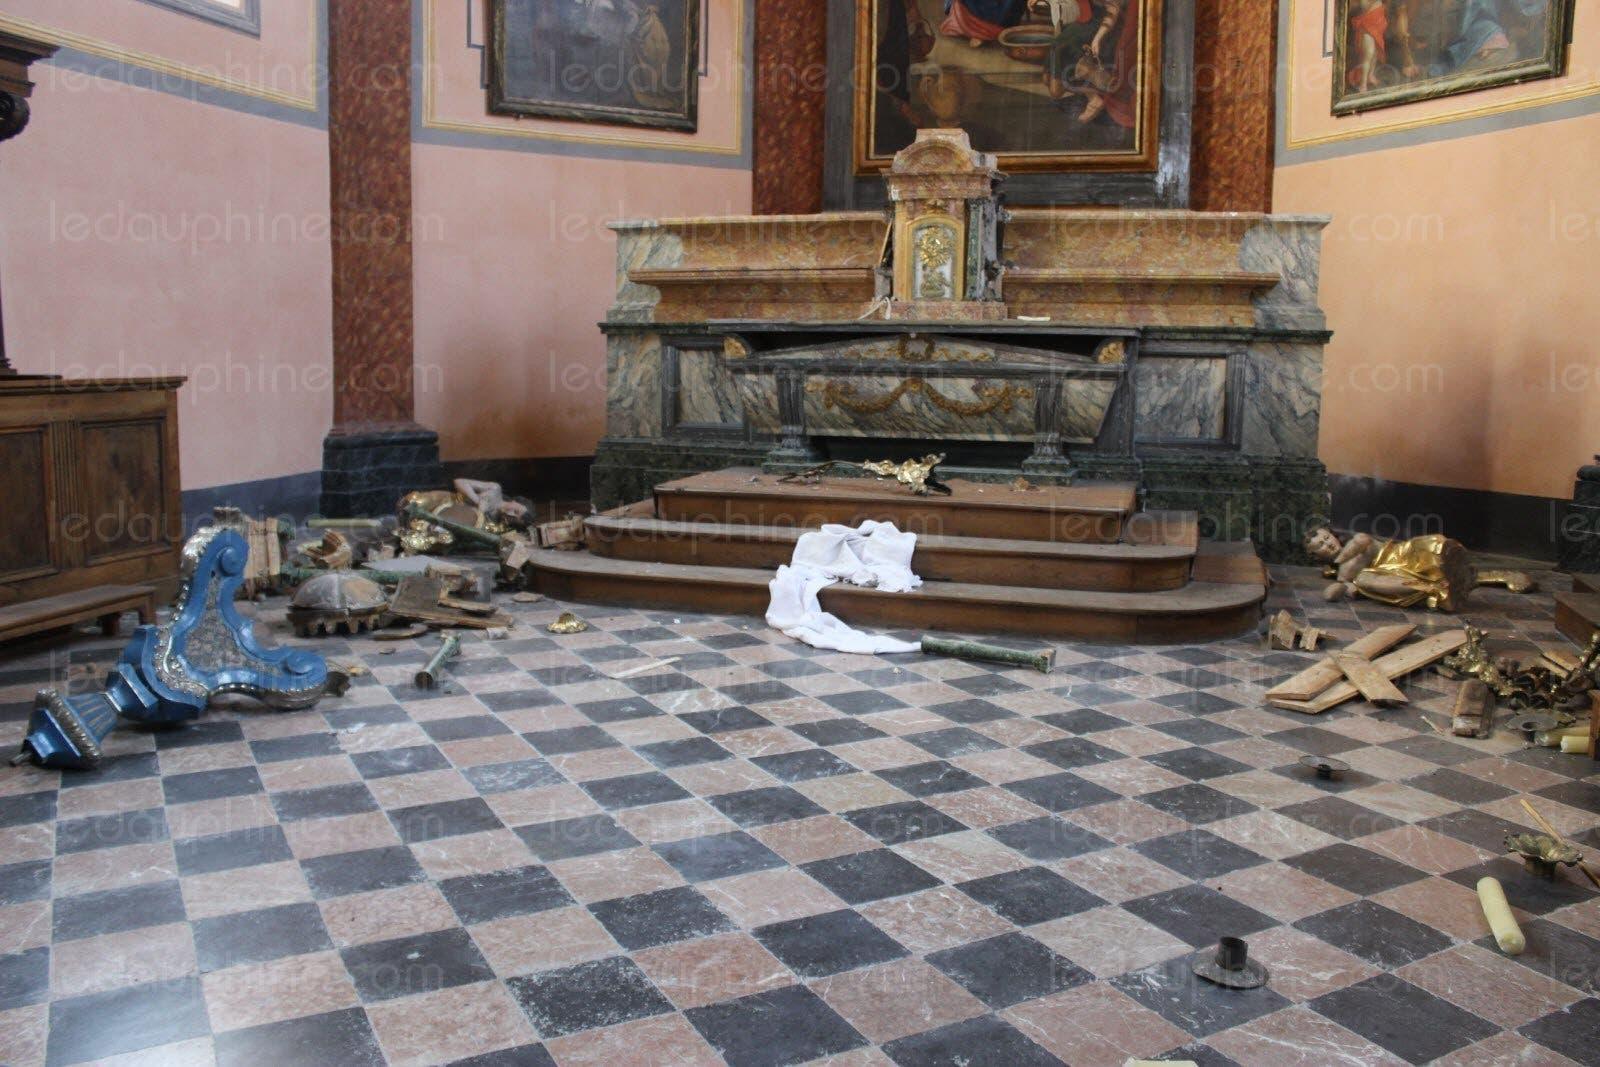 Pour les juges jeter un crucifix et uriner dessus dans une église n'est pas une profanation Photo-le-dl-a-c